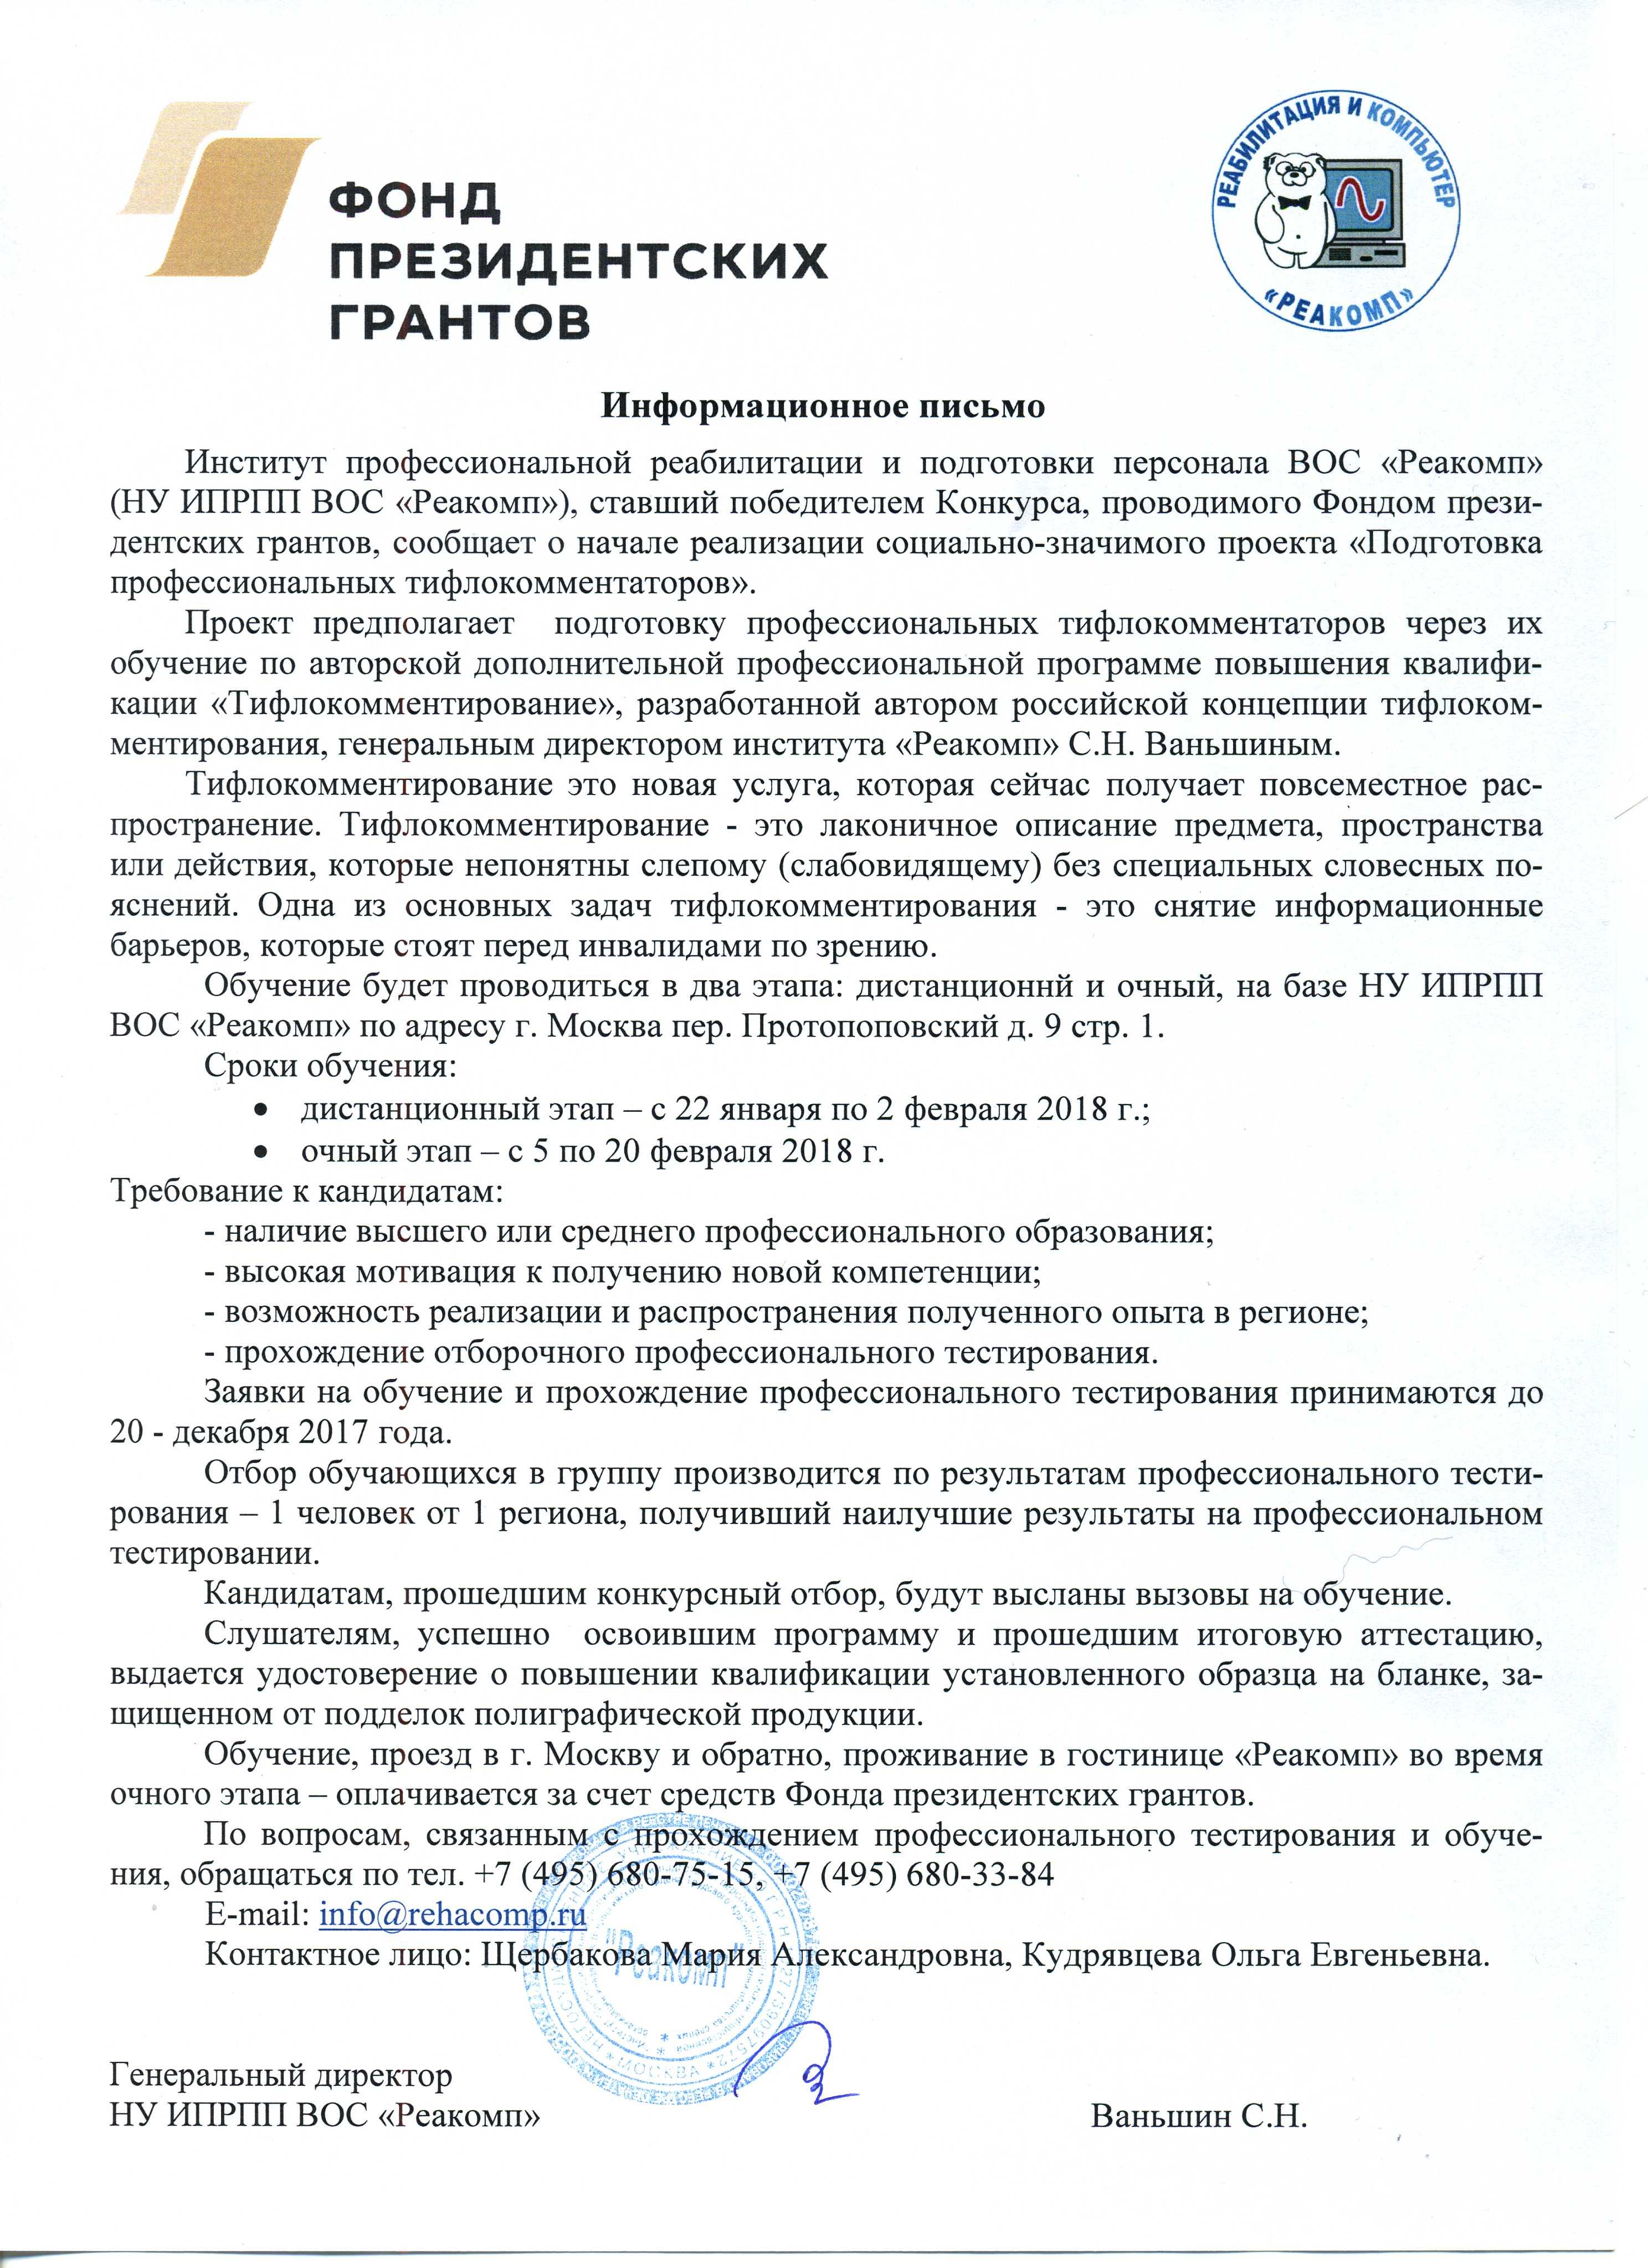 Институт «Реакомп» начал реализацию проекта «Подготовка профессиональных тифлокомментаторов».